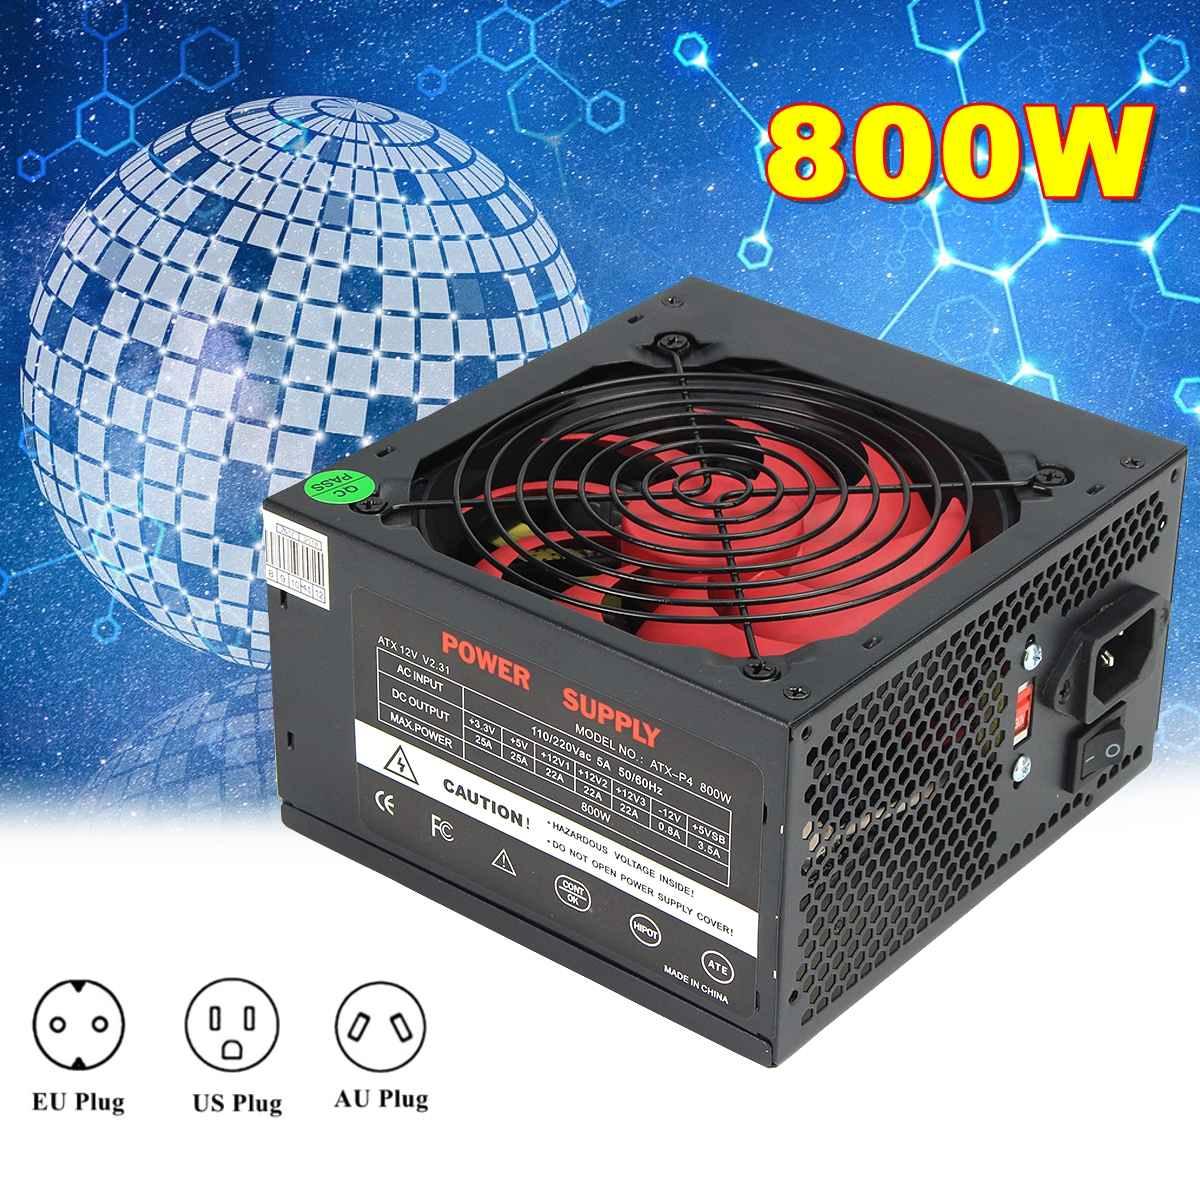 Черный 800 Вт 800 Вт источник питания 120 мм вентилятор 24 булавки PCI SATA ATX 12 В Molex подключения компьютера питание 80 + золото